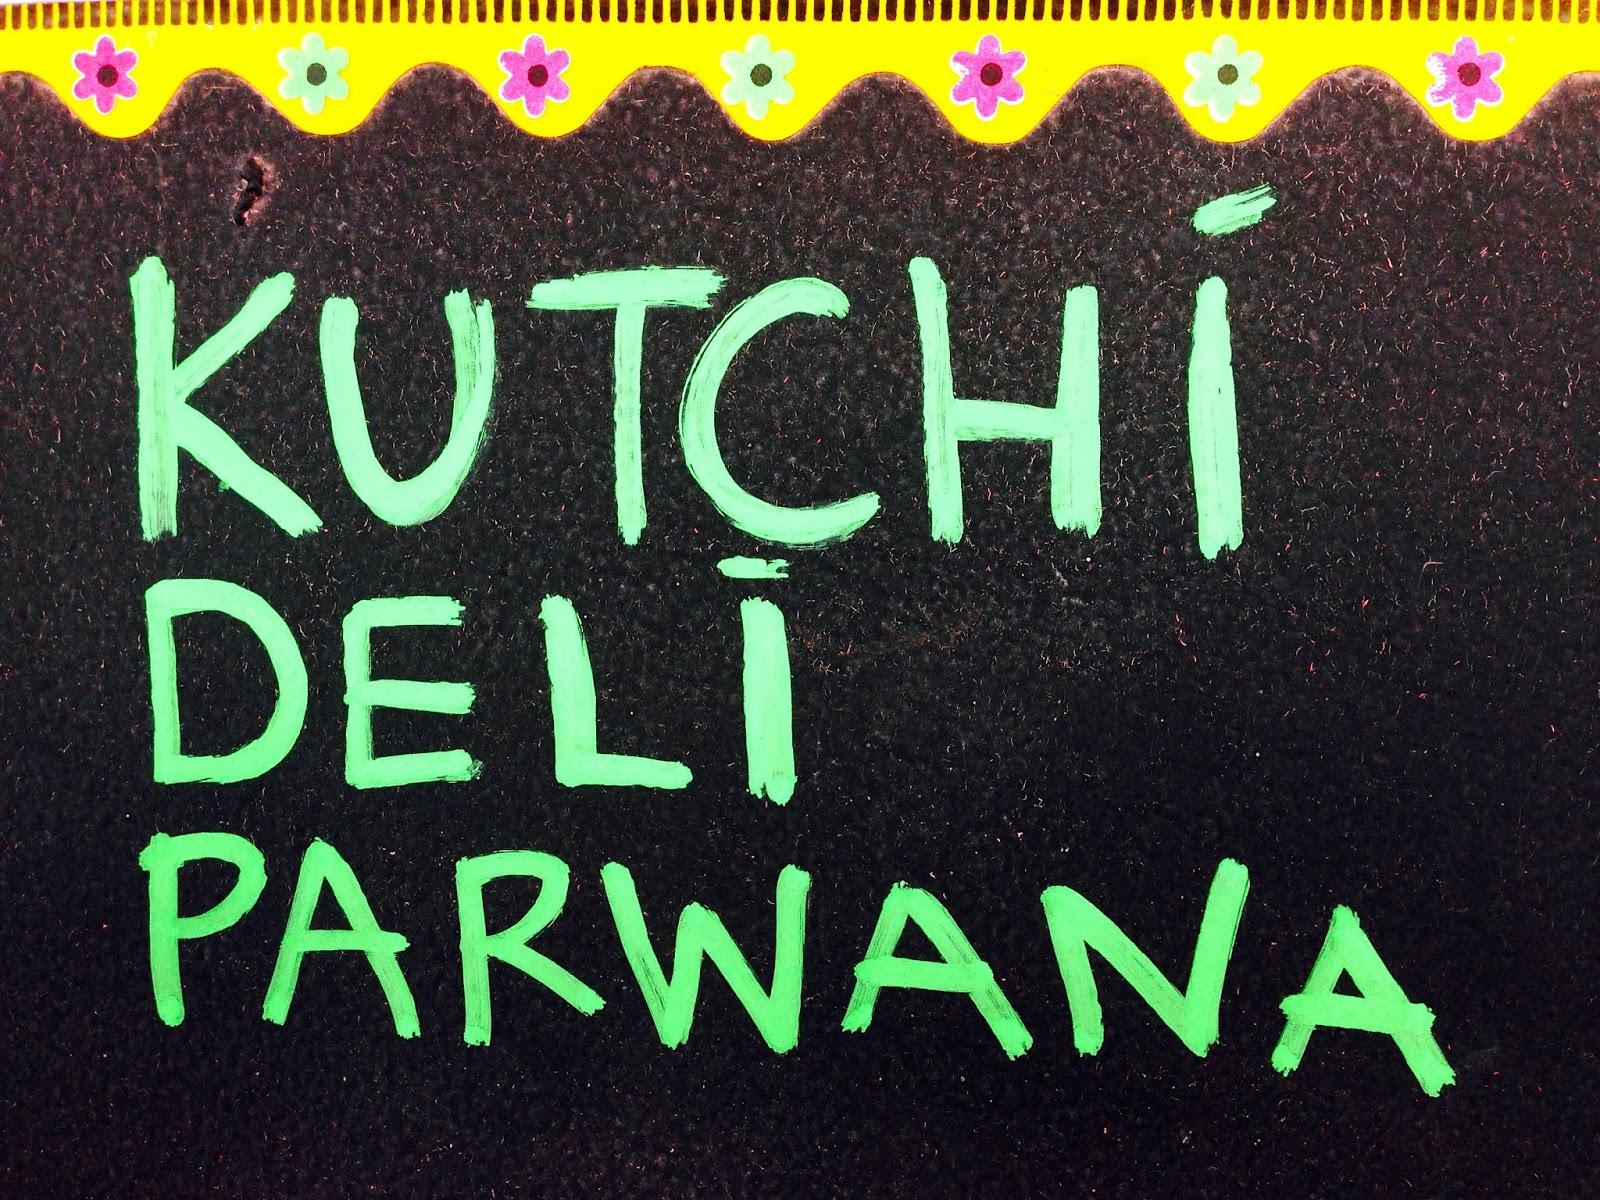 Kutchi Deli Parwana - Ebenezer Place, Adelaide